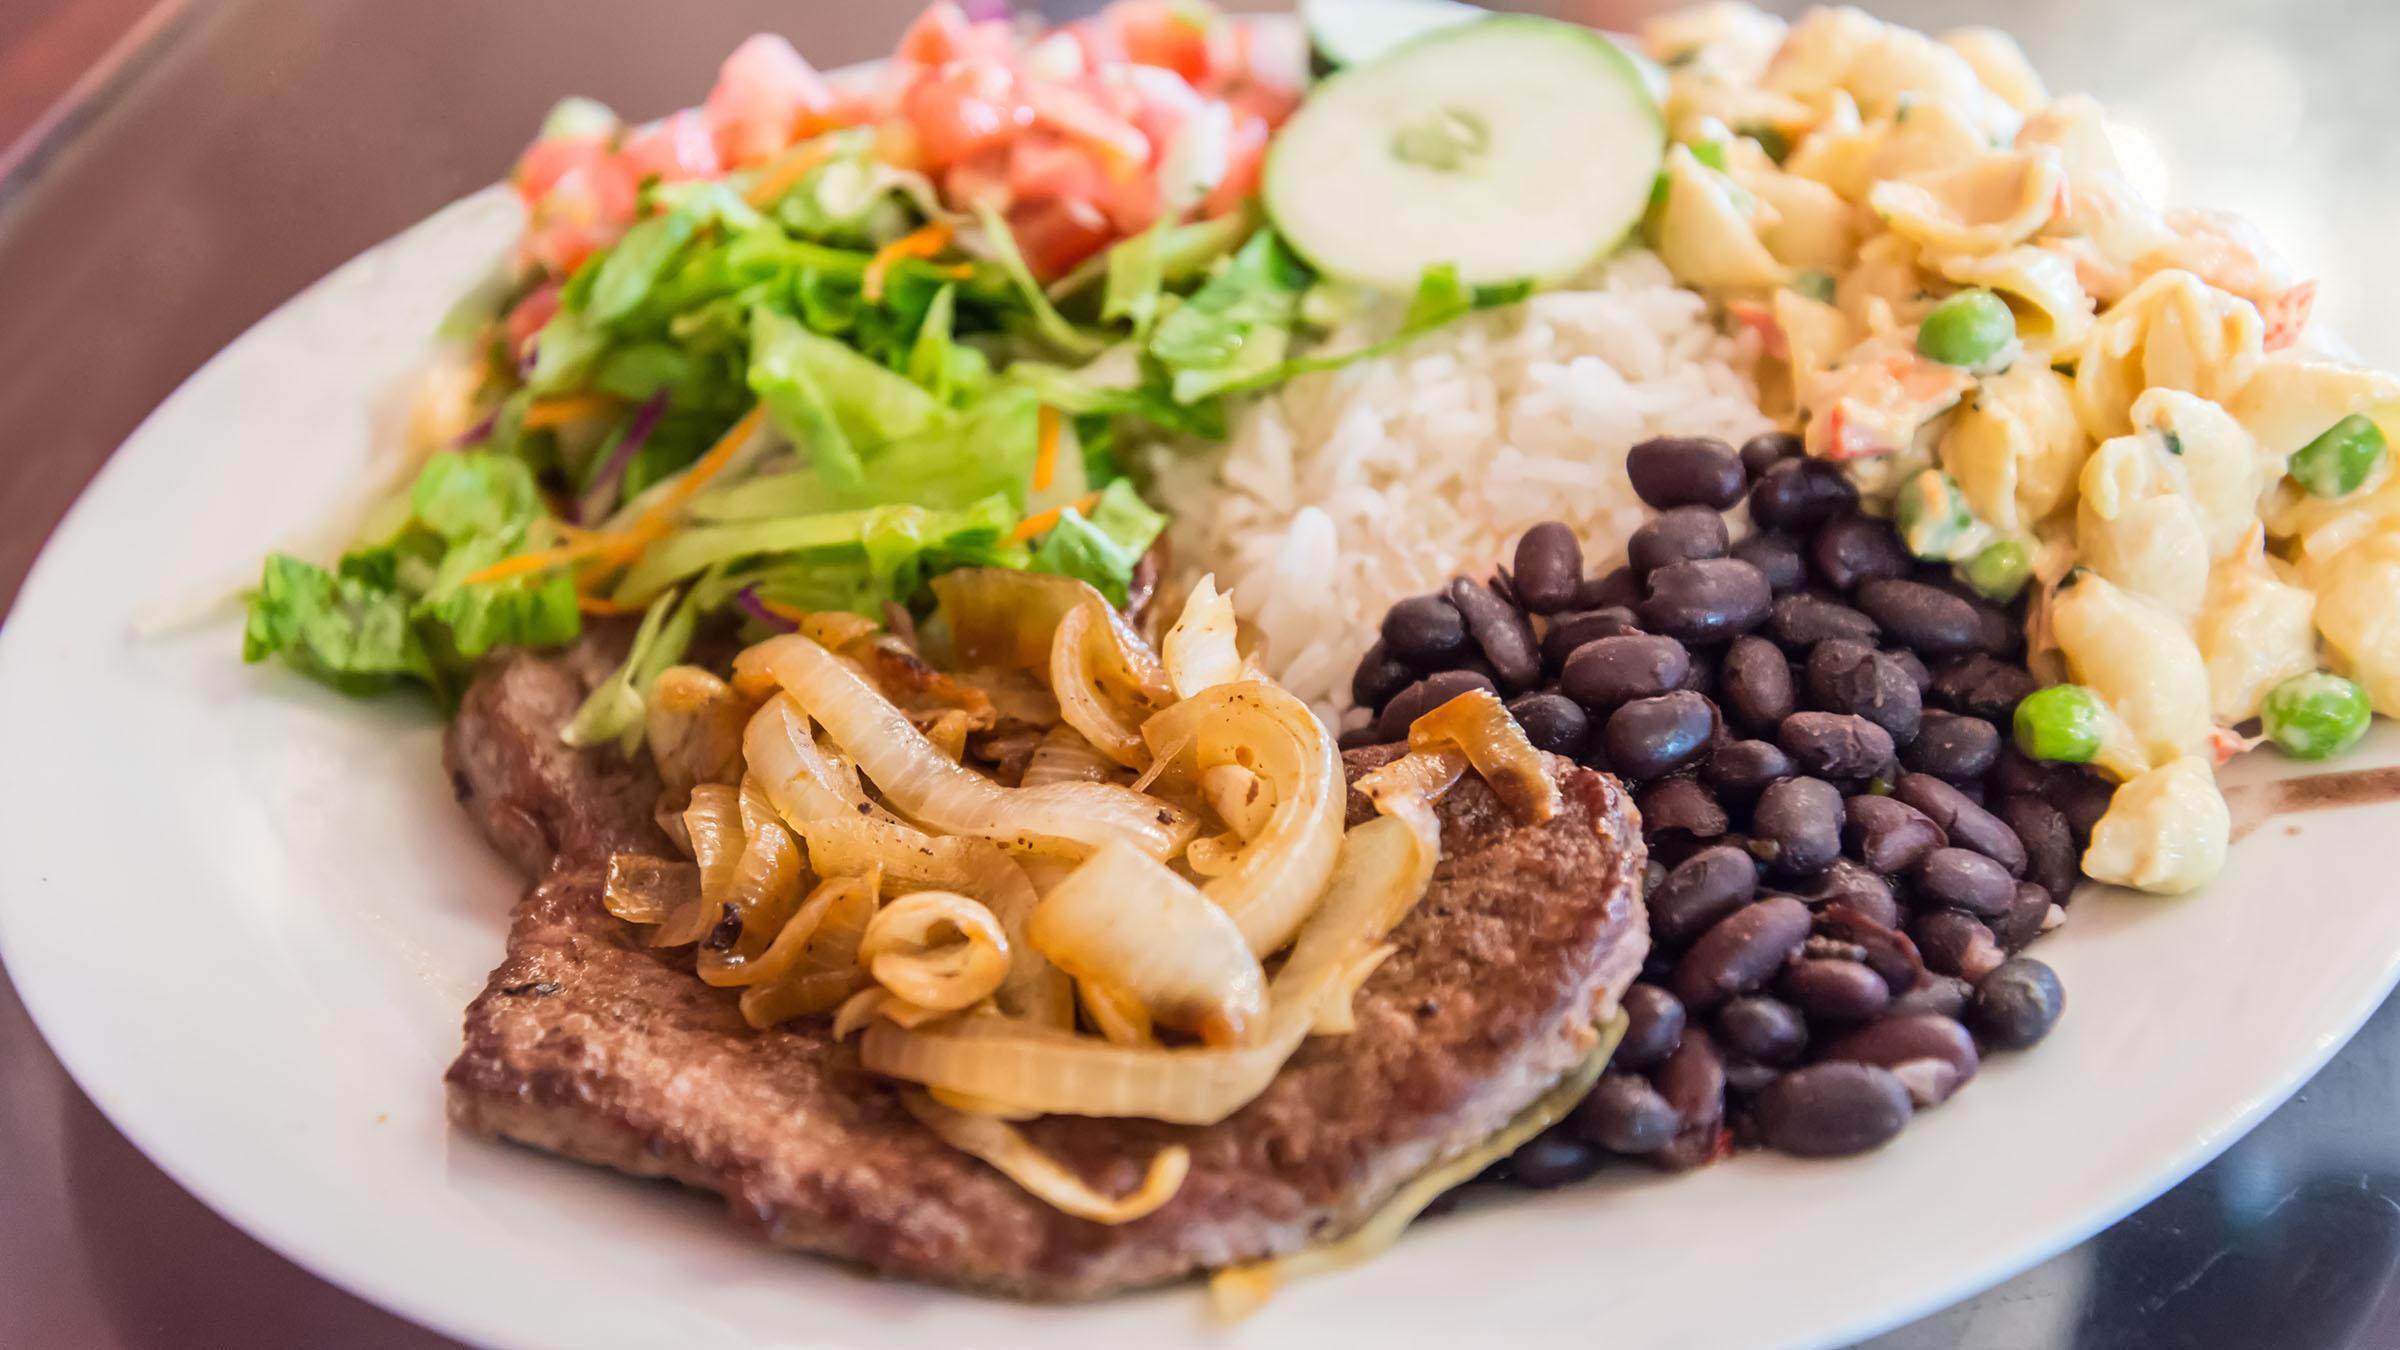 غذاهای کاستاریکا